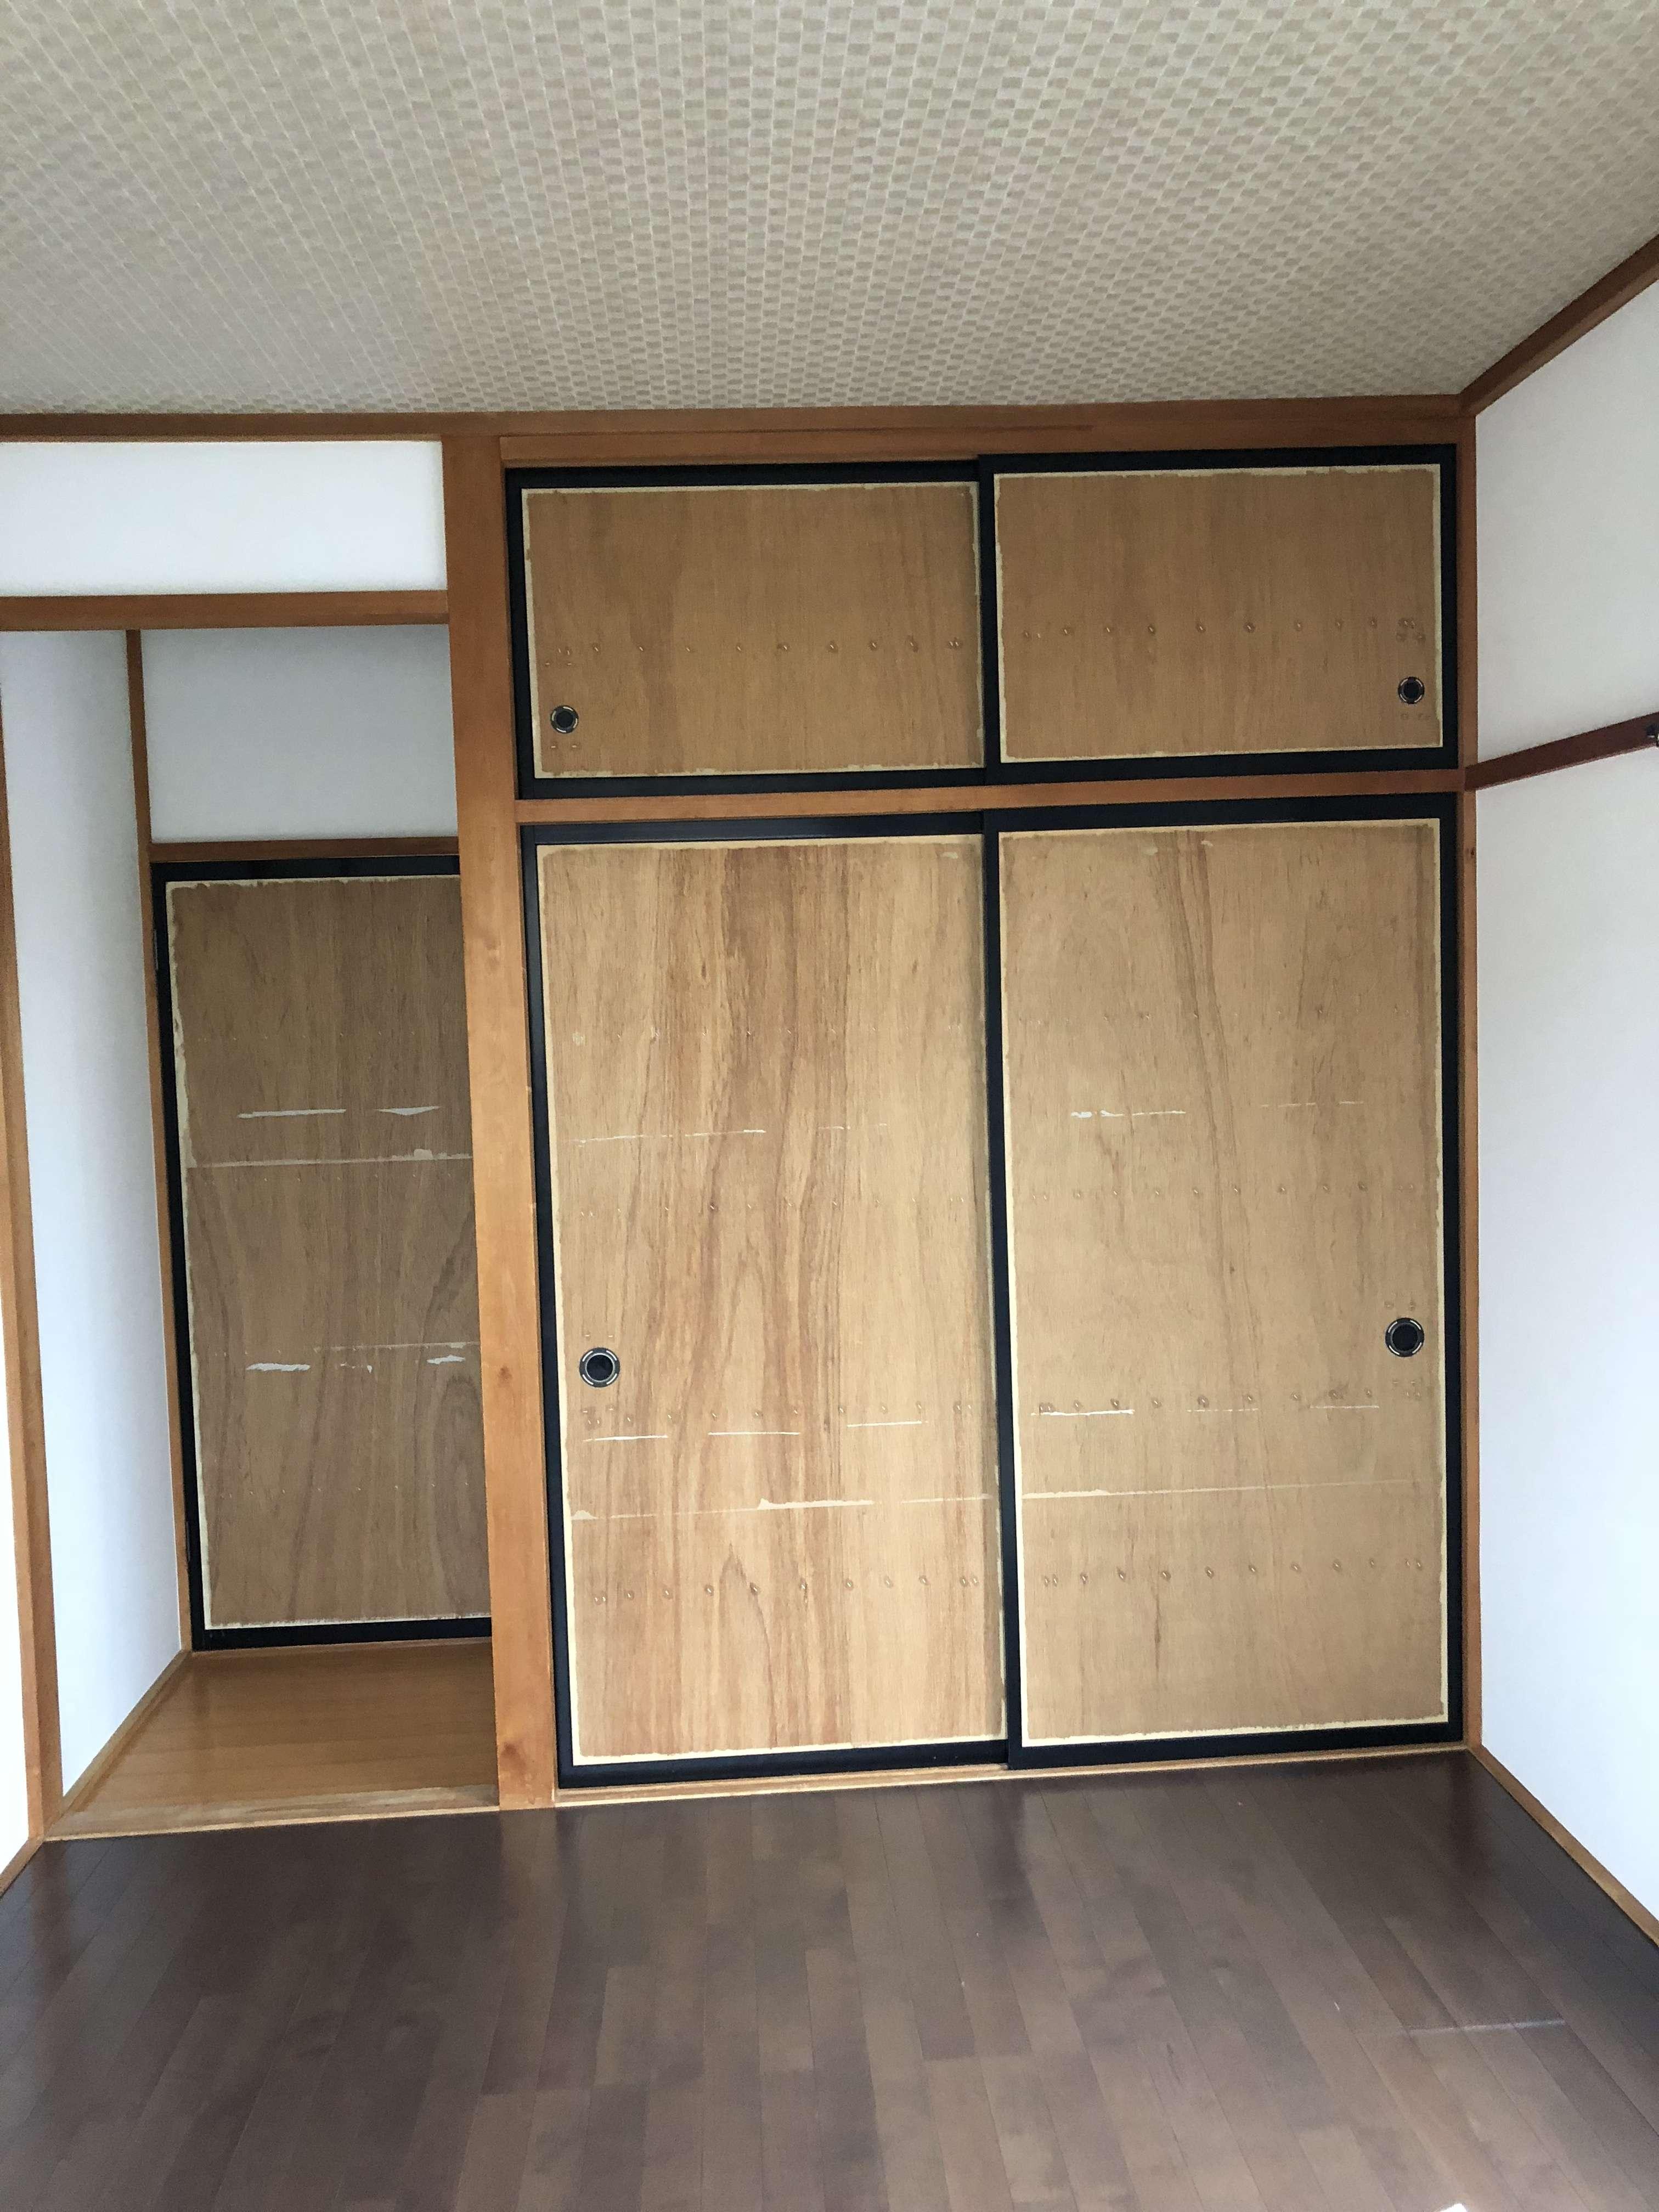 静岡 壁紙 襖 クロス張替え工事 クロス張替え 内装工事 クリーニングは静岡市のac Trustへ